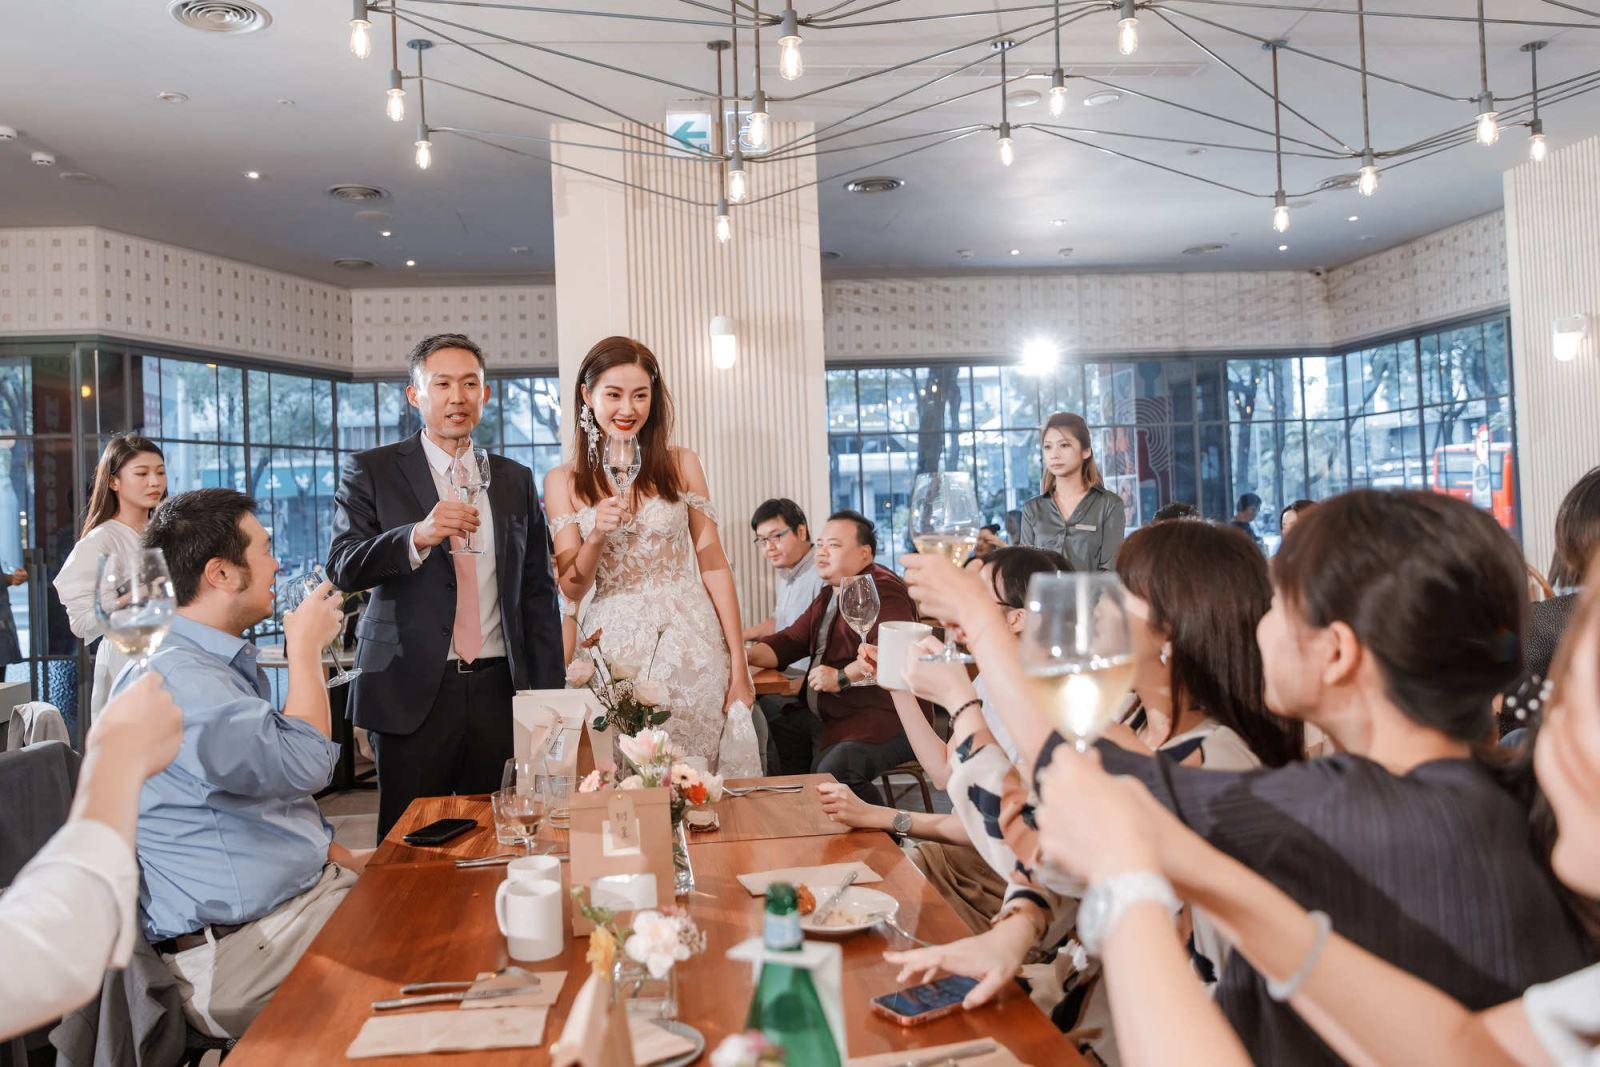 婚禮沒有逐桌敬酒